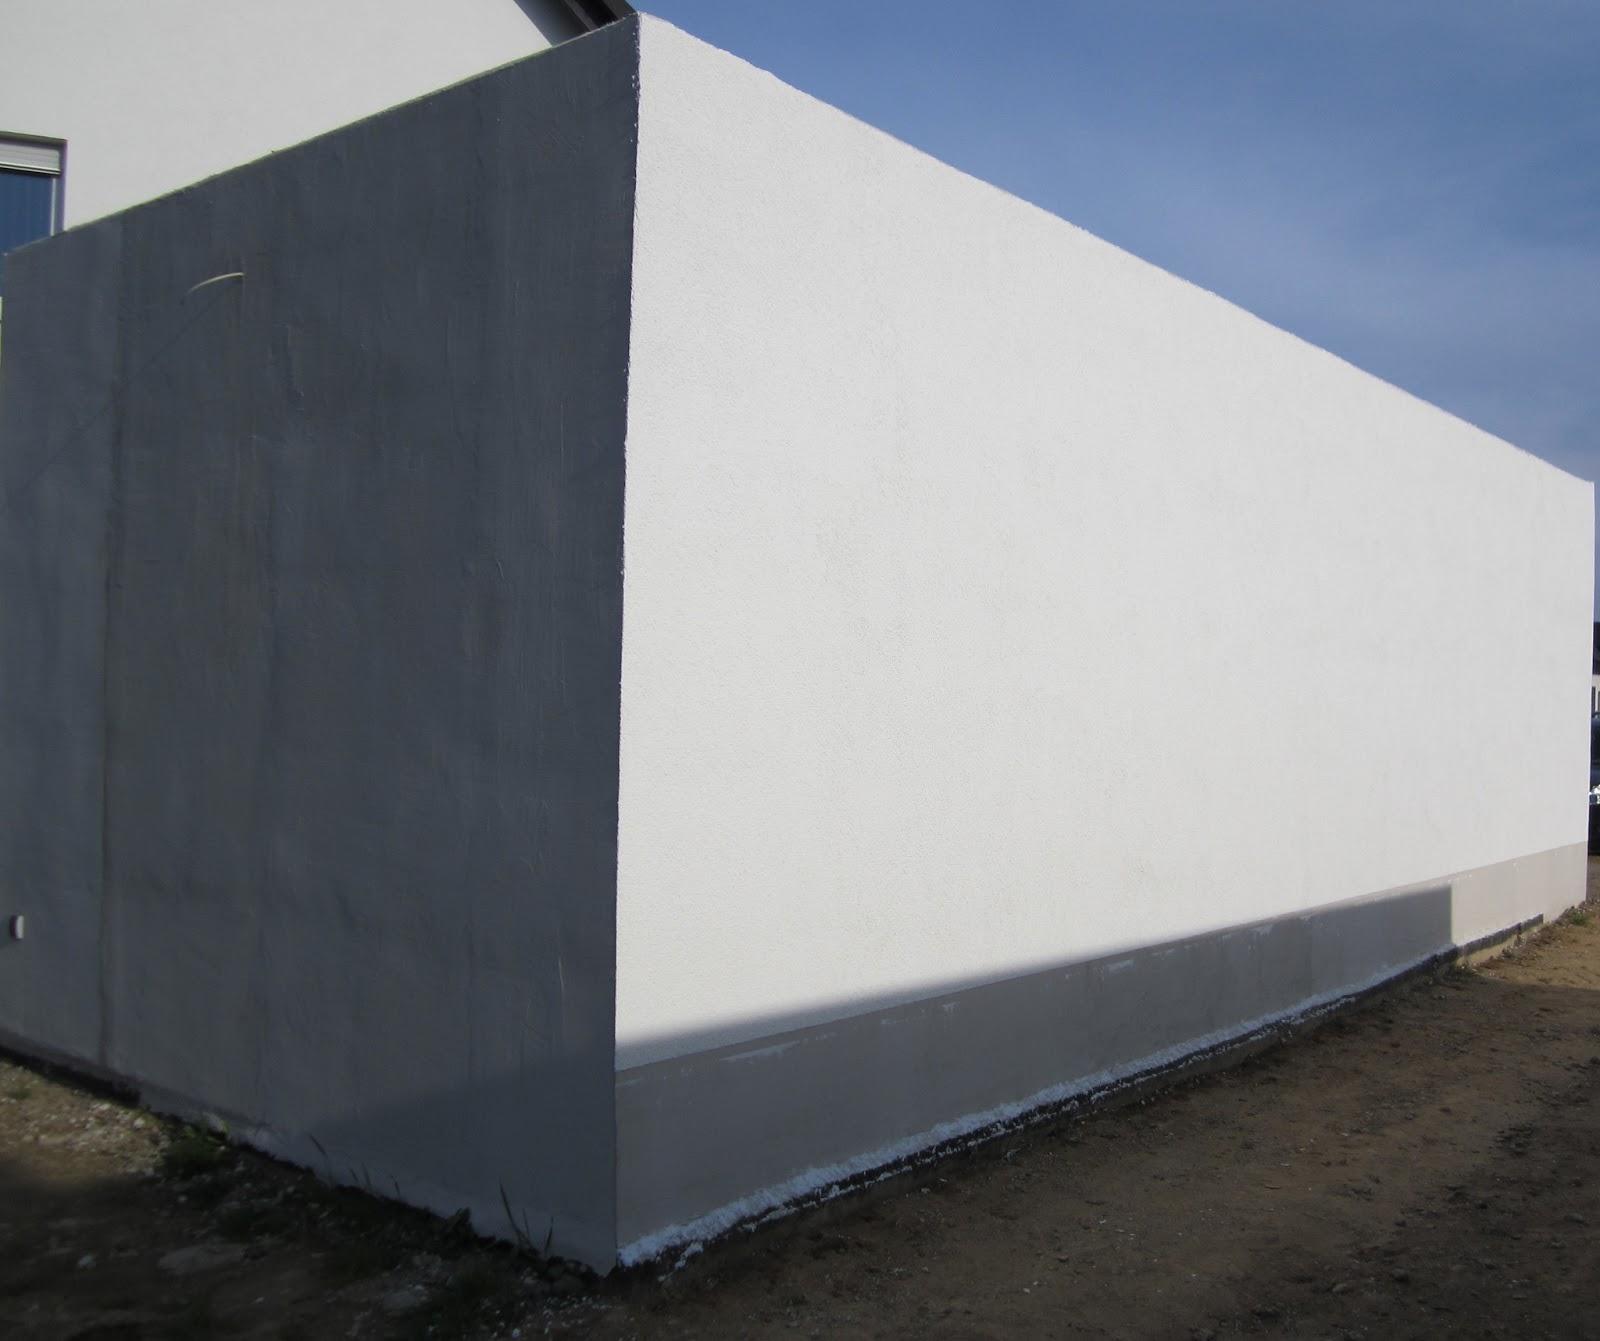 unser hausbau garage in eigenleistung aufbringen des silikatscheibenputzes. Black Bedroom Furniture Sets. Home Design Ideas